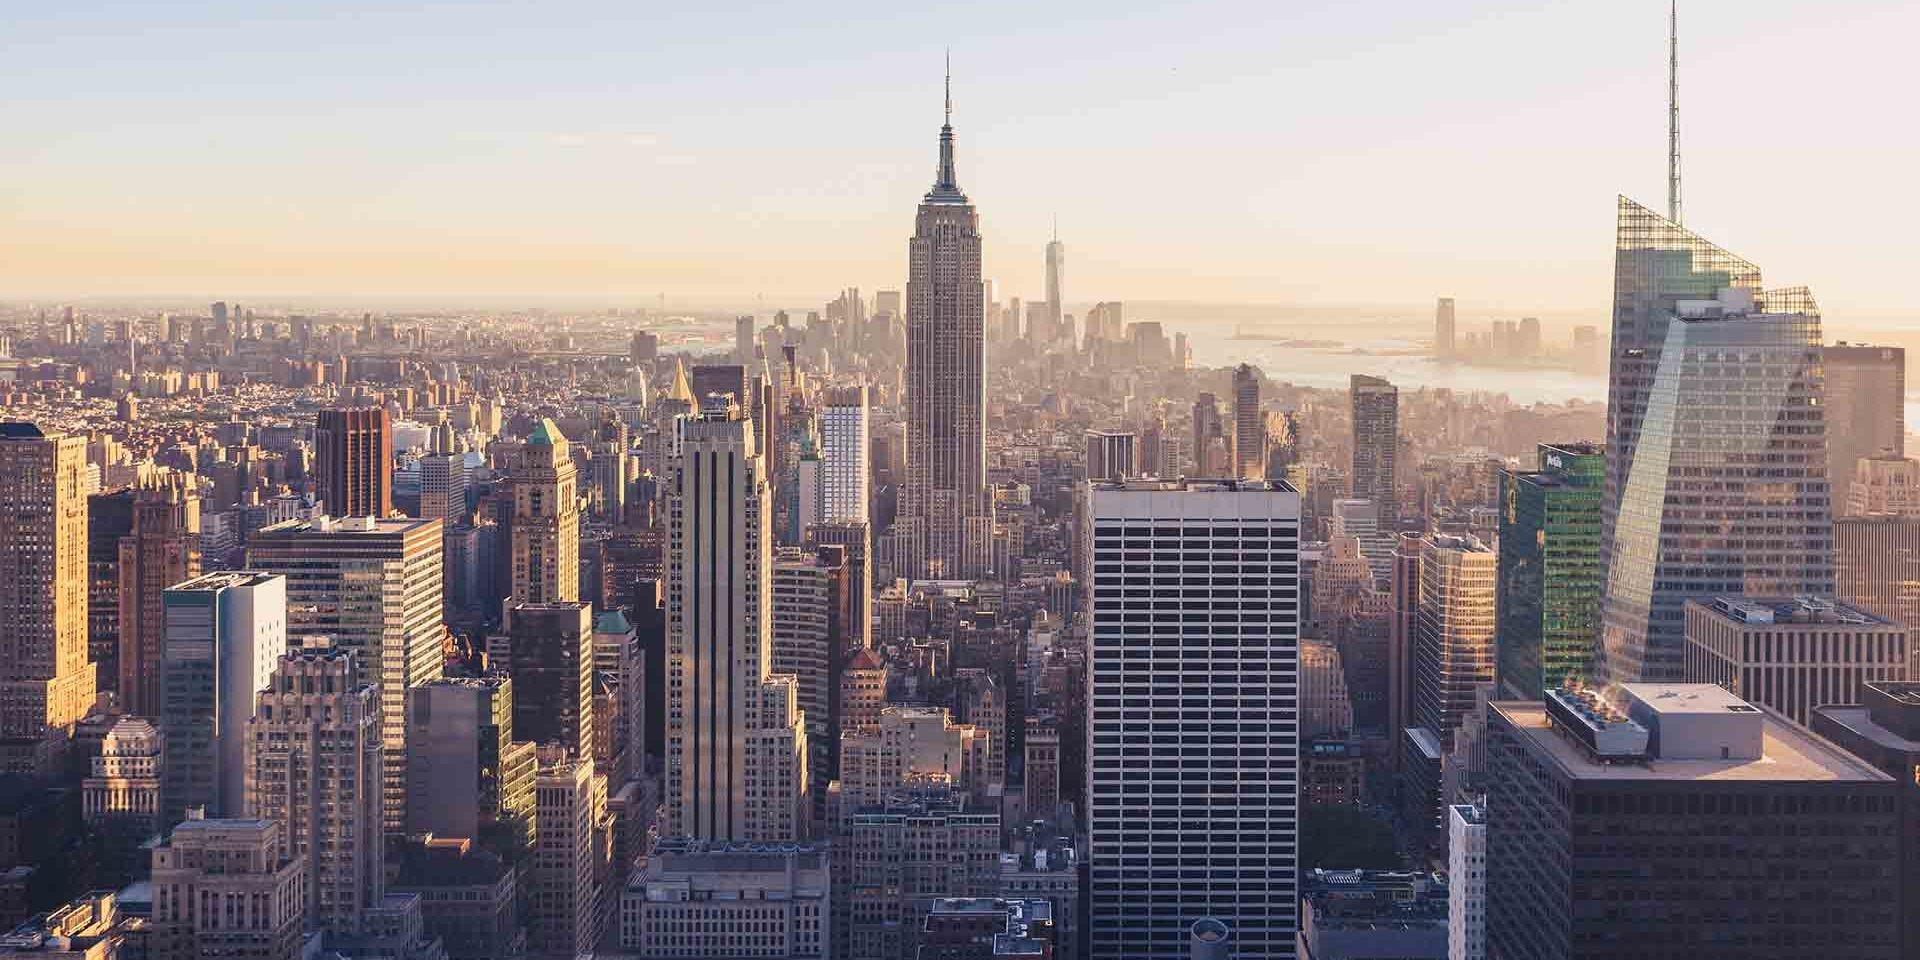 La construcción de edificios sostenibles es uno de los retos de los próximos 30 años.